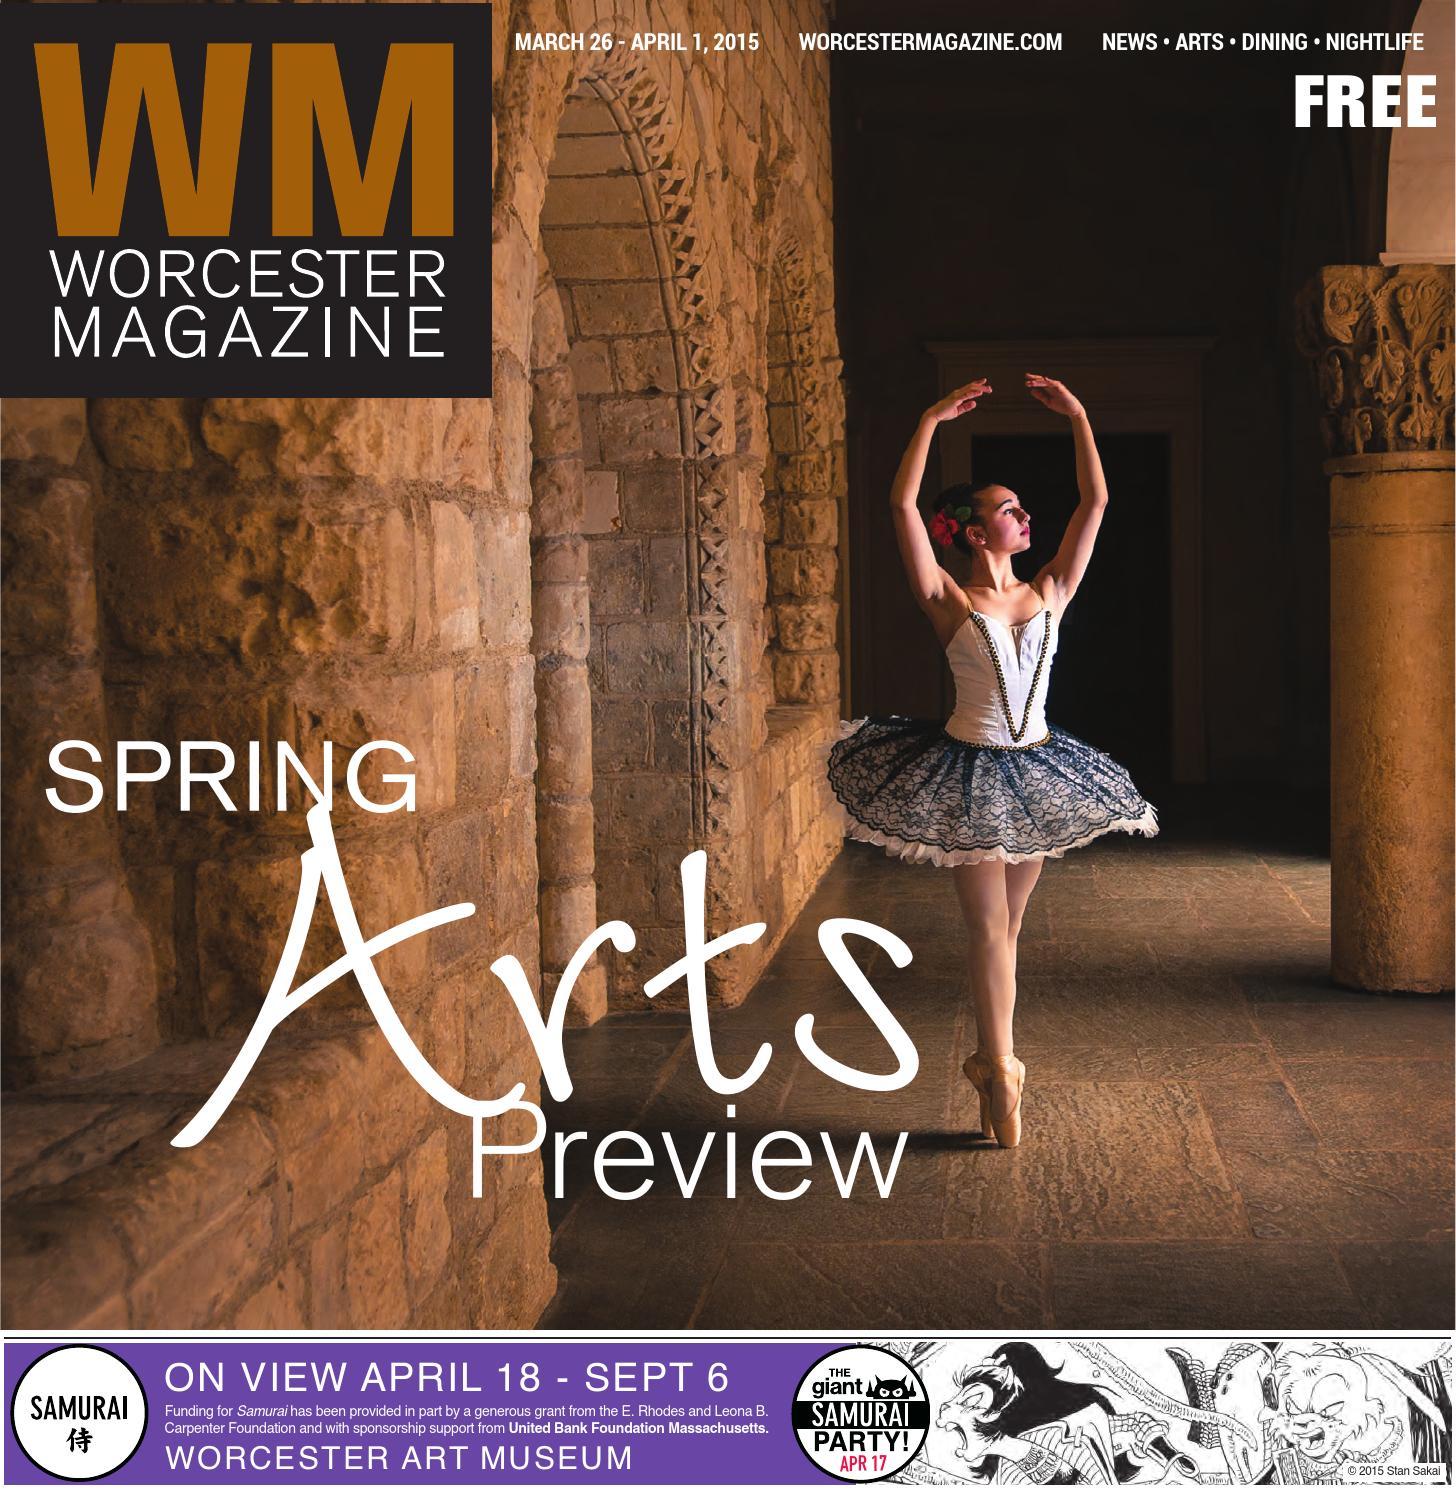 d40f5e285c Worcester Magazine March 26